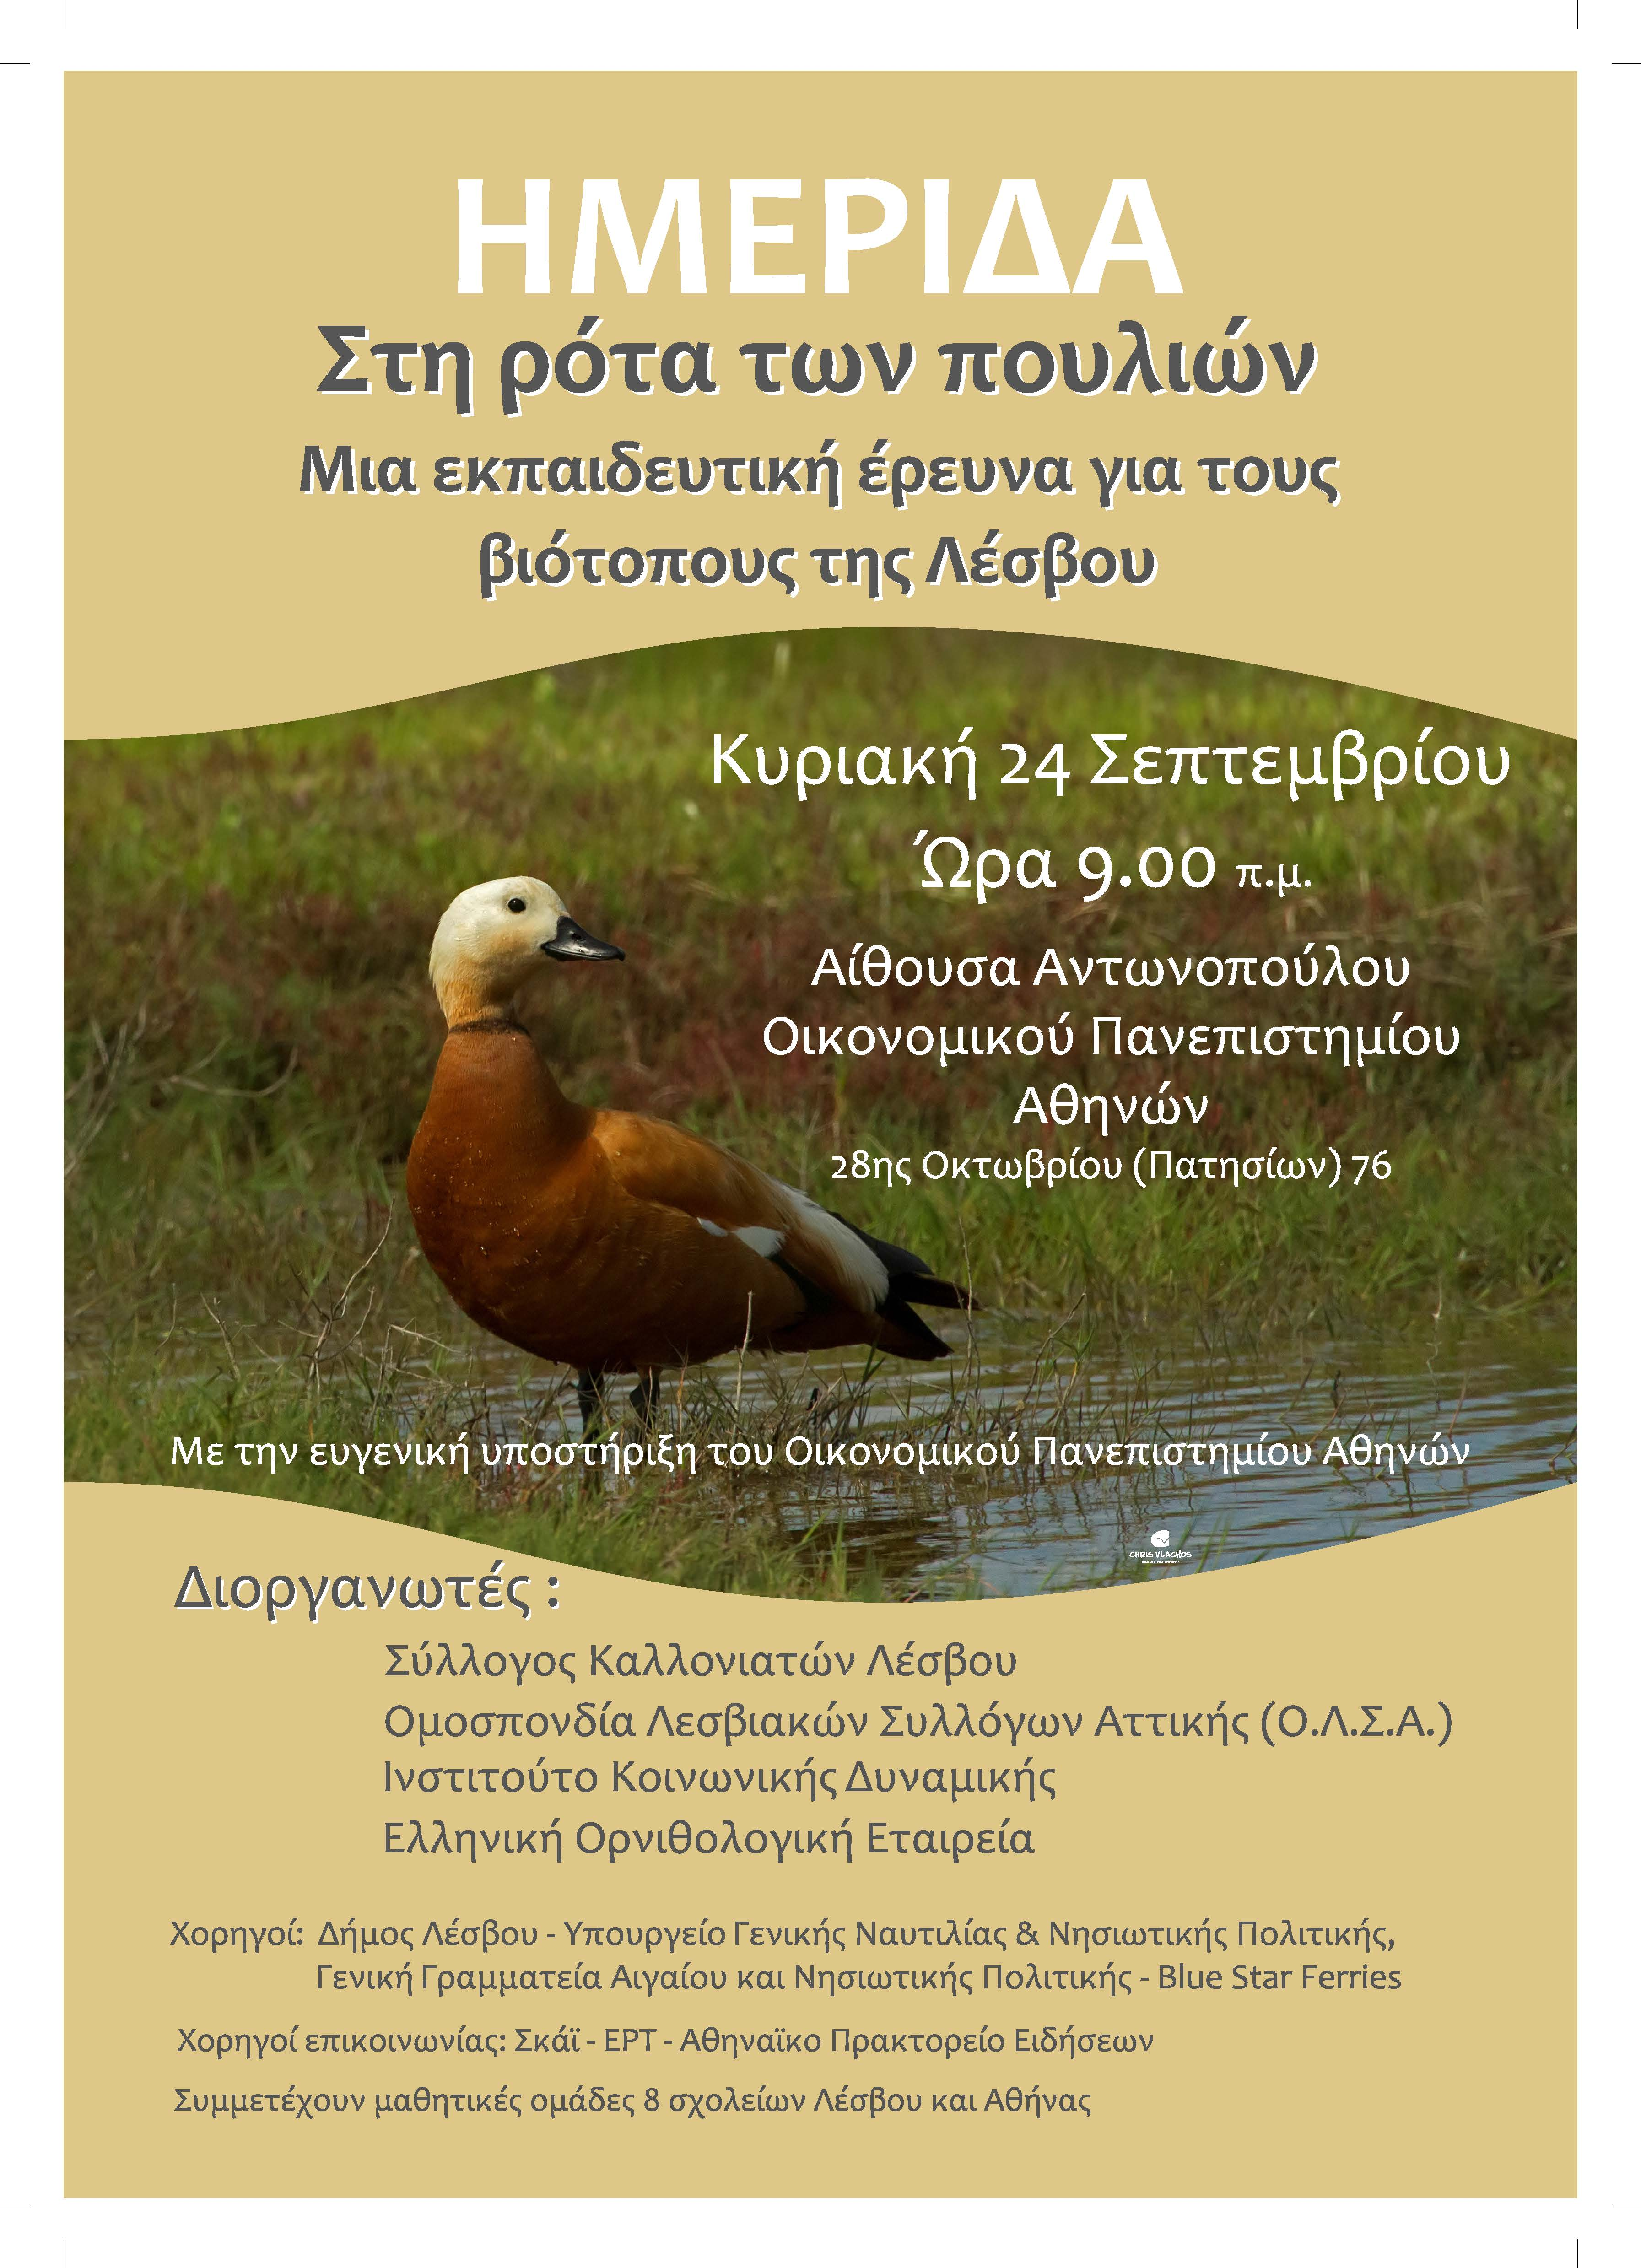 ROTA poster